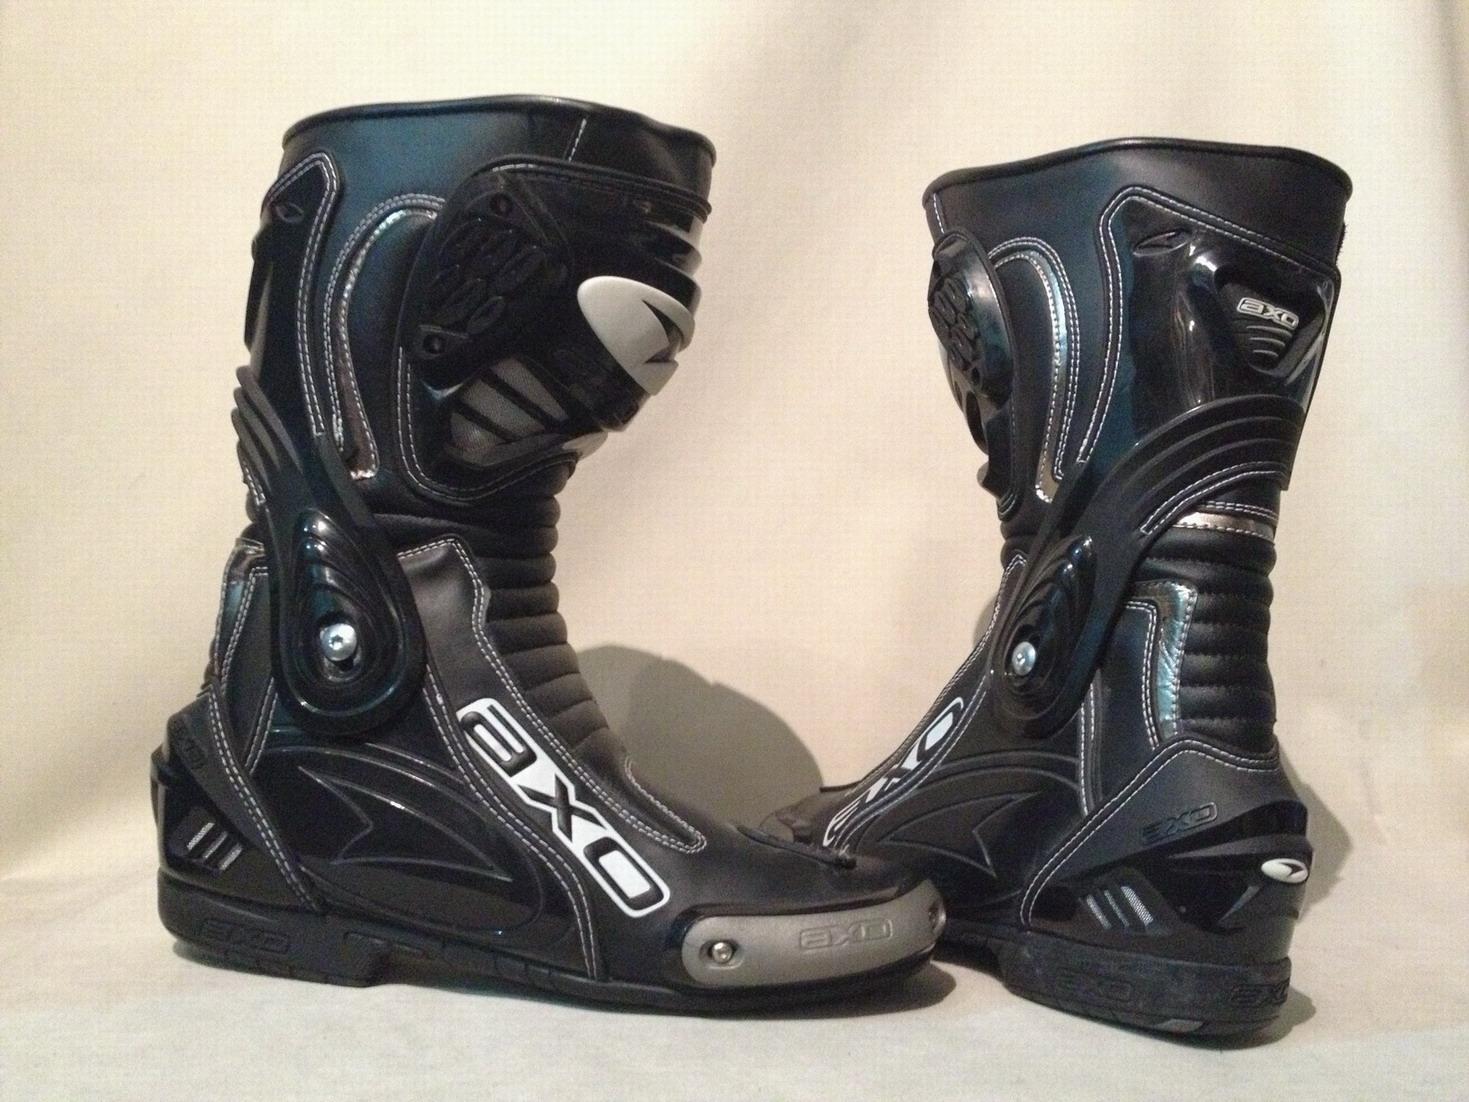 如何选购摩托车靴子 - 中国摩托迷网 - 摩托车网